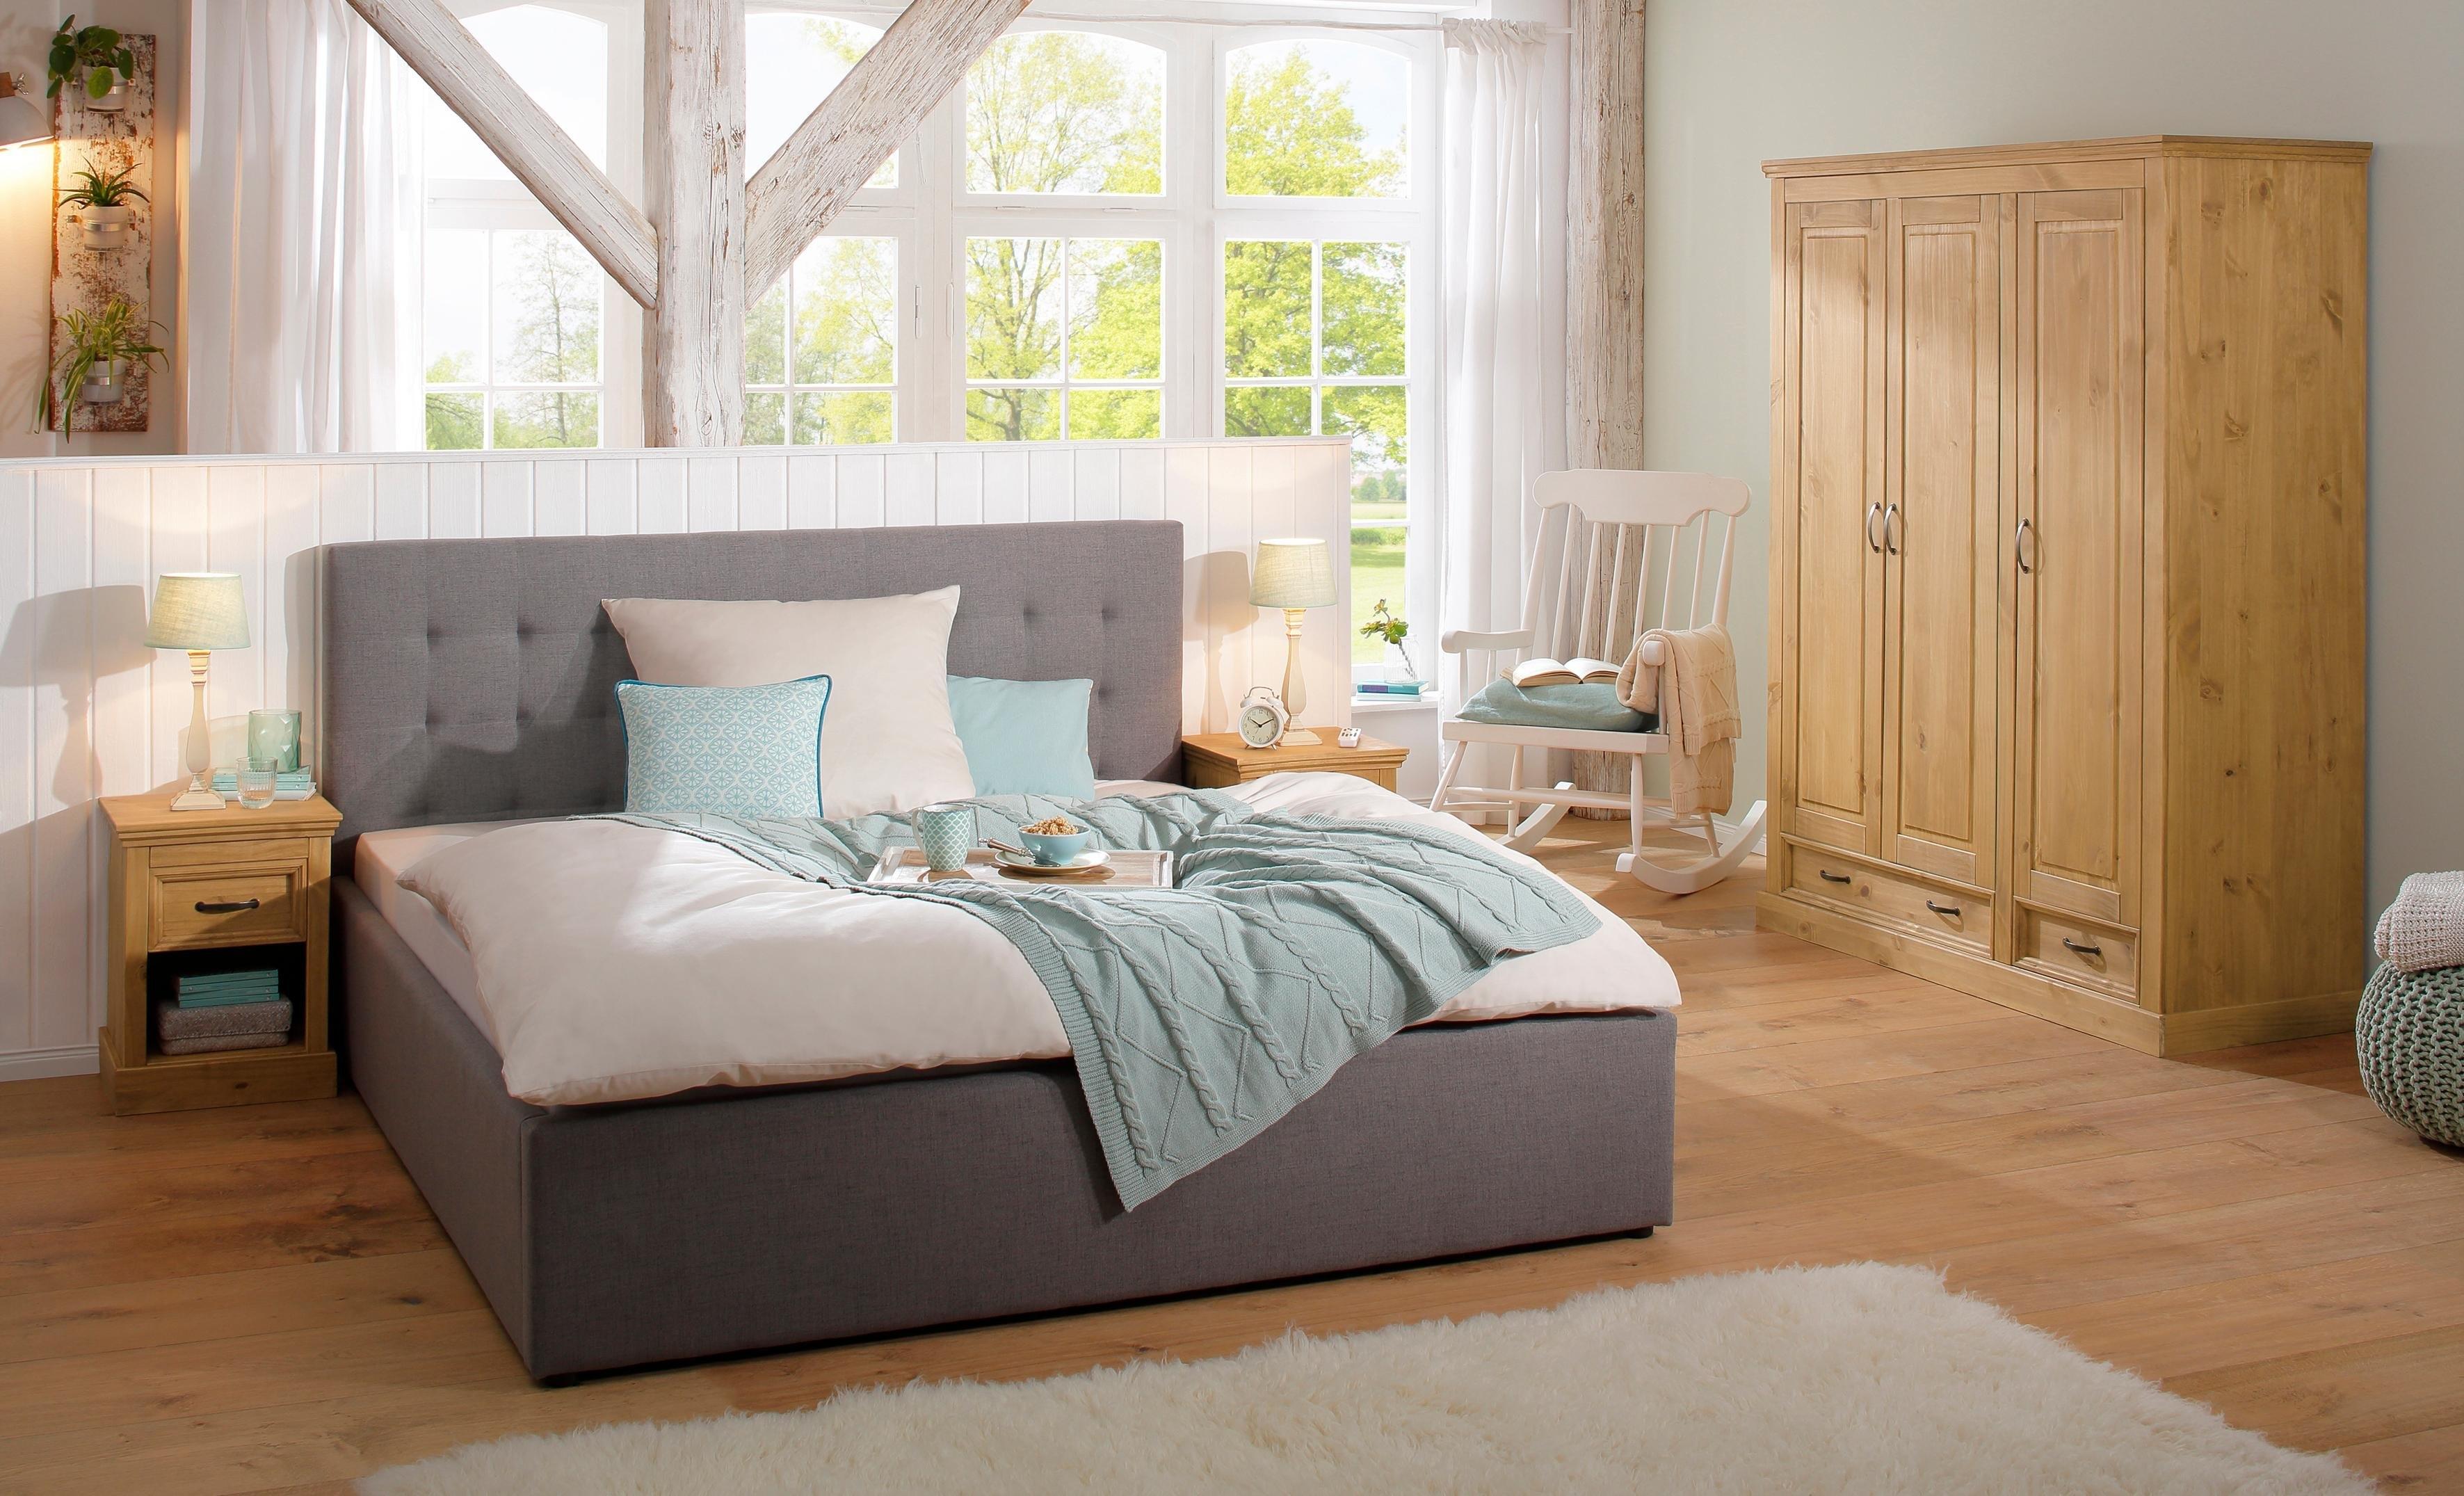 https://i.otto.nl/i/otto/25923785/home-affaire-garderobekast-3-deurs-selma-voor-de-slaapkamer-van-massief-hout-hoogte-190-cm-bruin.jpg?$ovnl_seo_index$